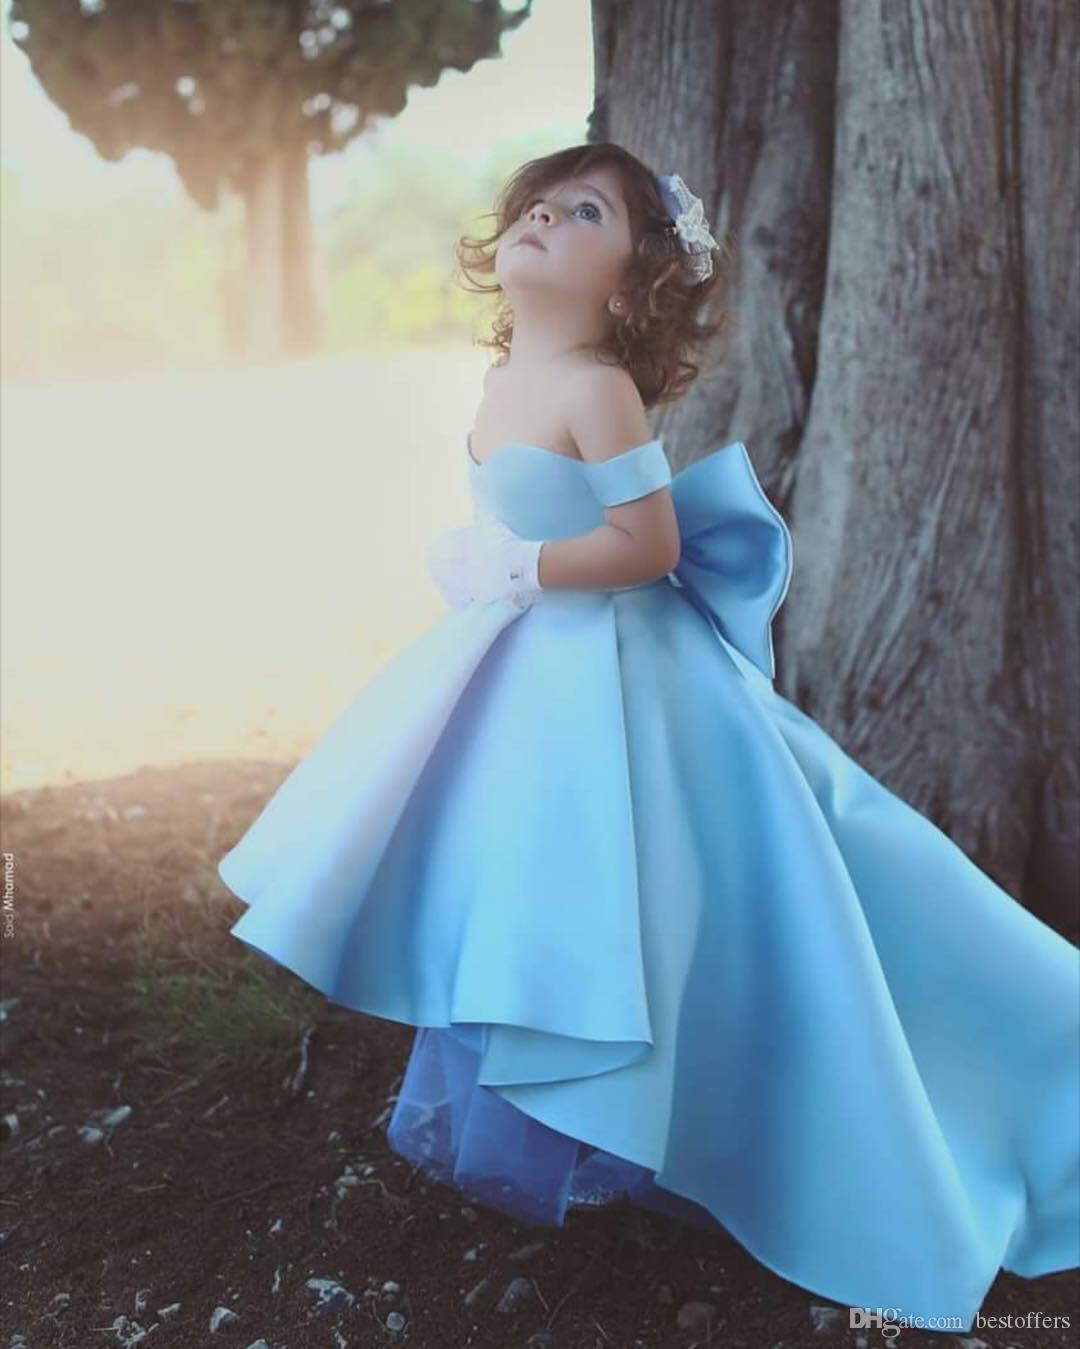 Gowns For Girls: Lovely Sky Blue Flower Girl Dresses 2018 High Low Satin